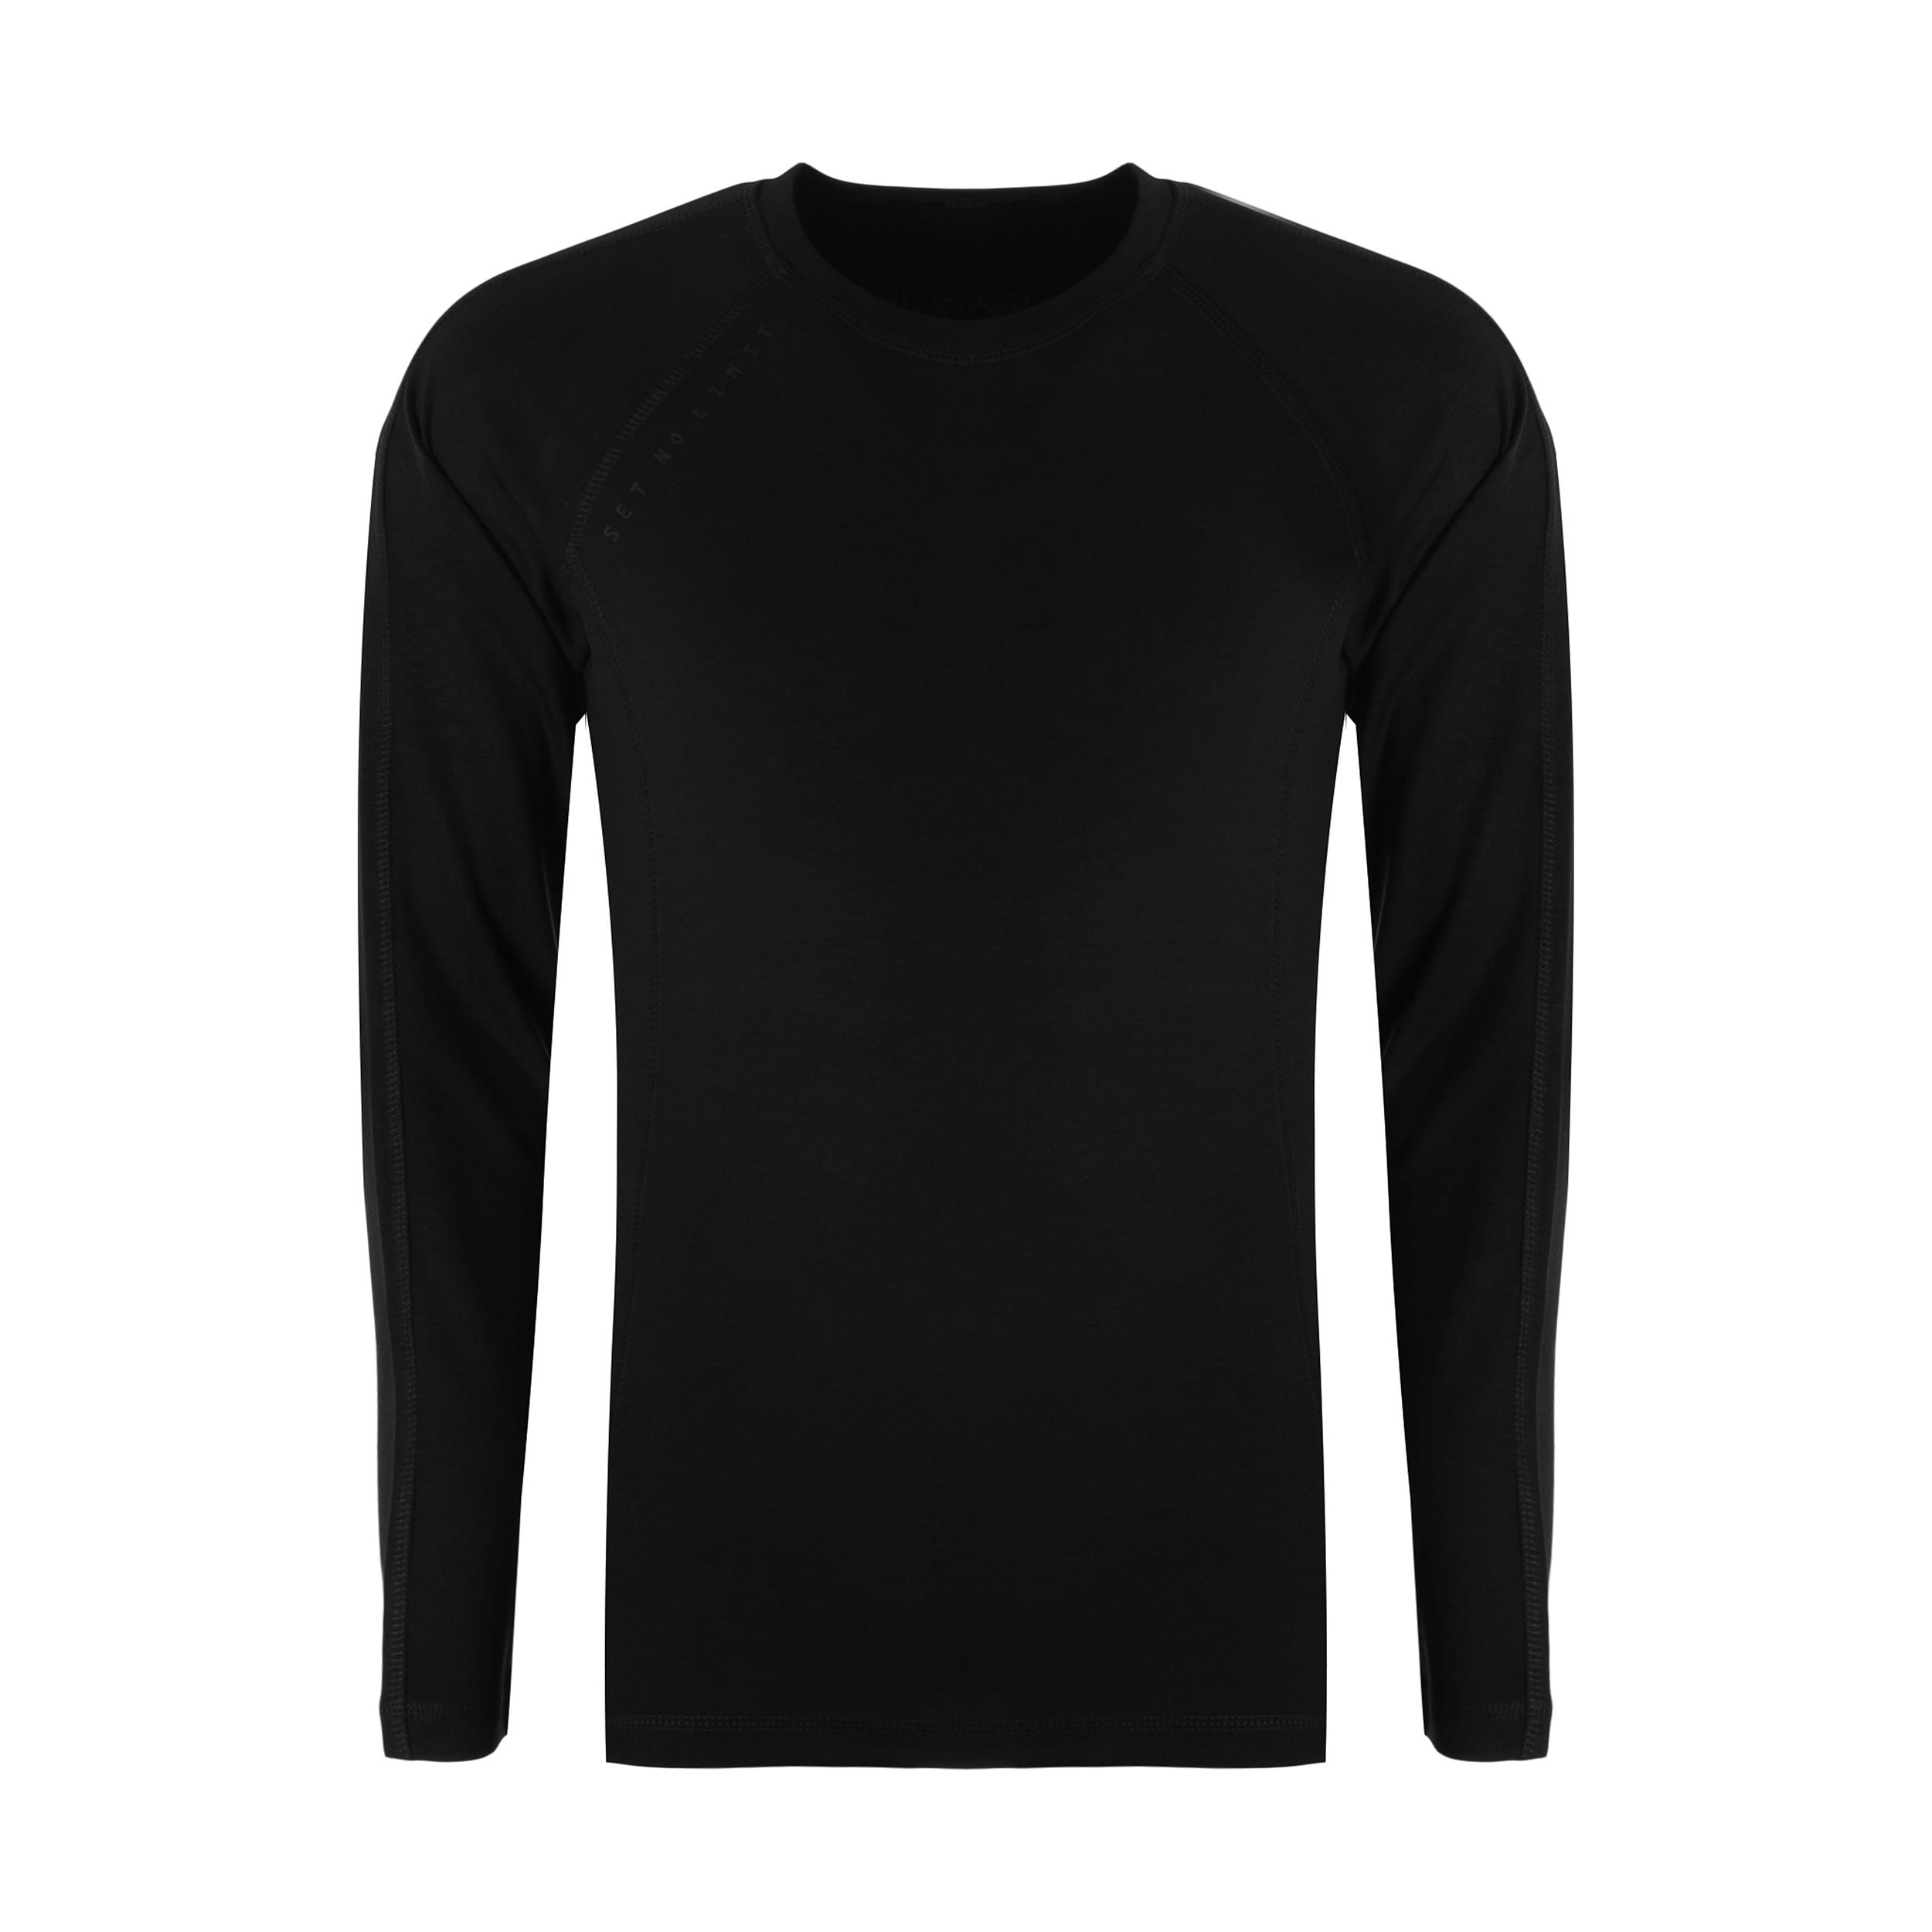 تی شرت ورزشی زنانه جامه پوش آرا مدل 4561018219-99